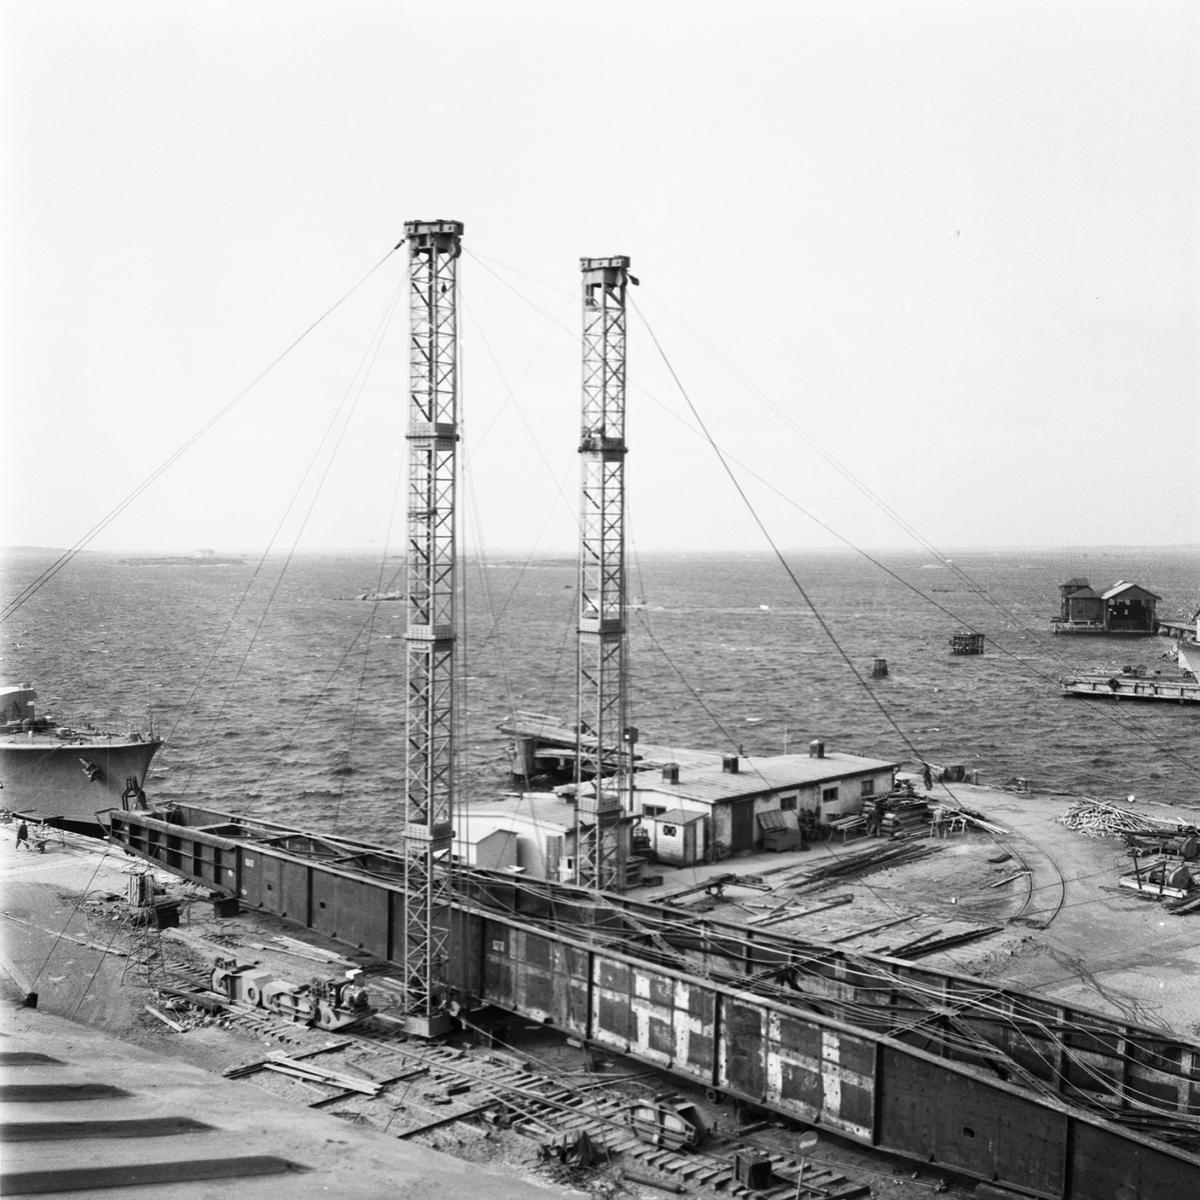 Övrigt: Fotodatum:8/4 1959 Byggnader och Kranar. Nya 100-tonskranen montering.